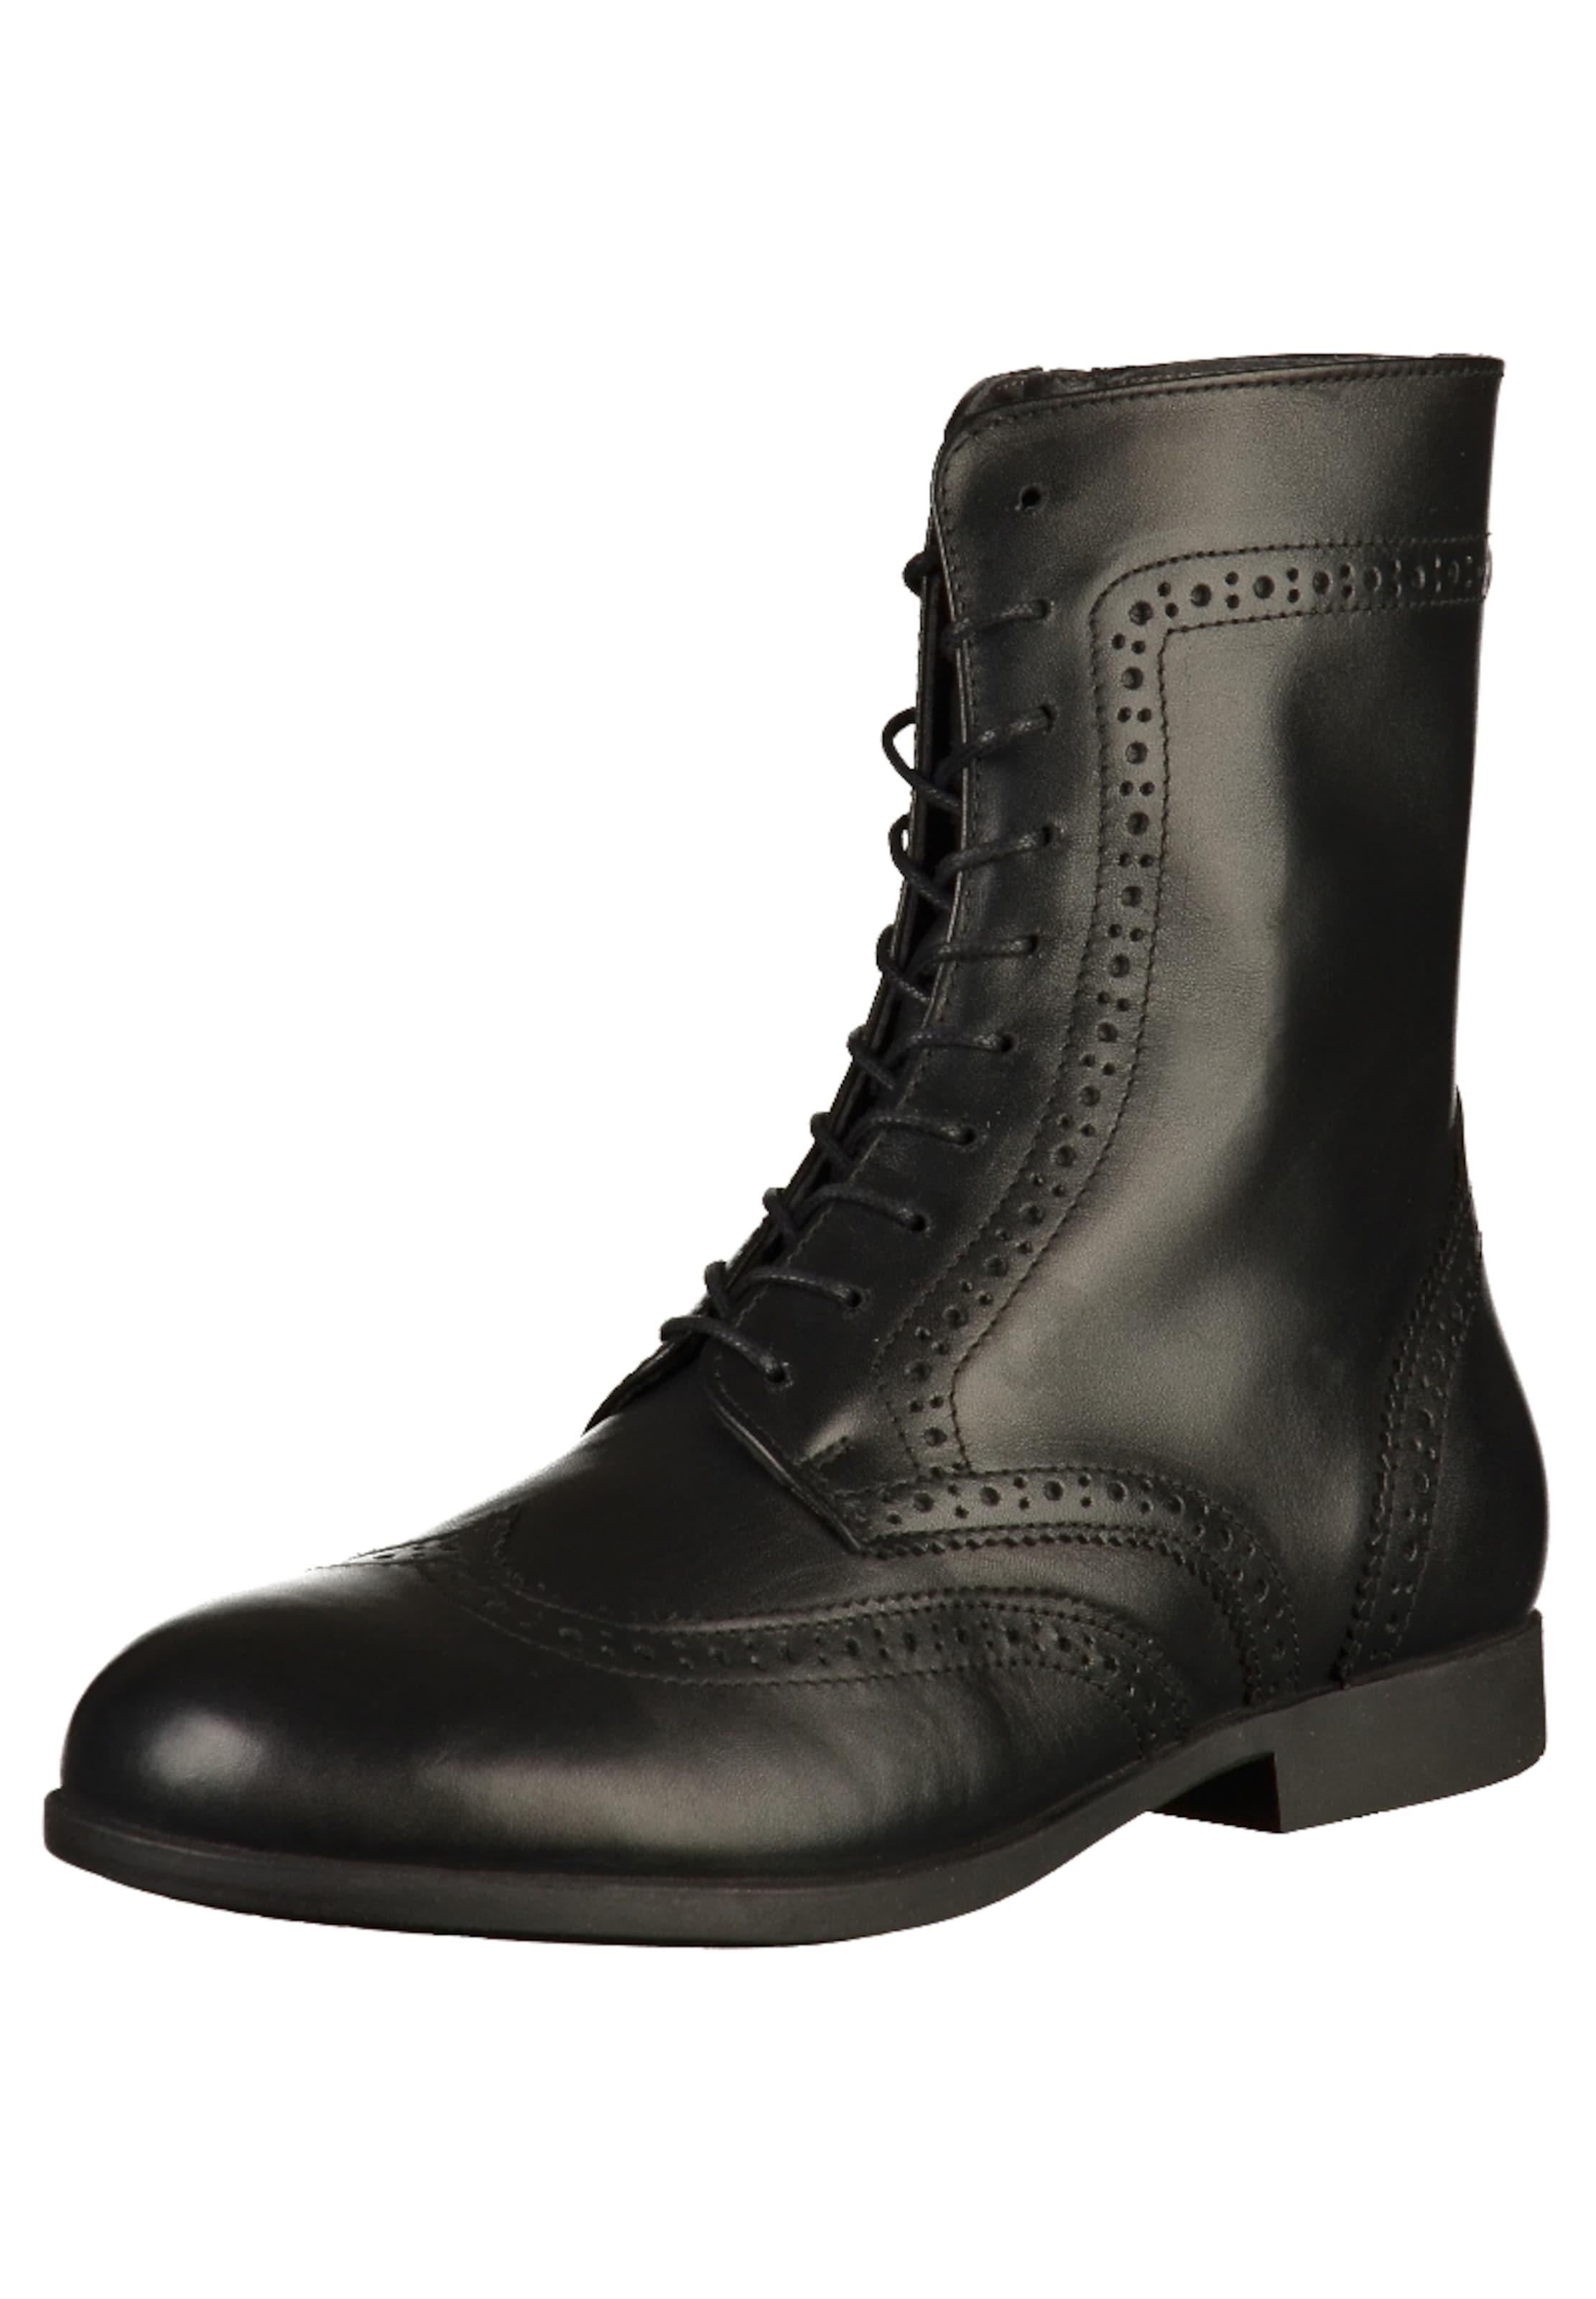 BIRKENSTOCK Stiefelette Laramie Verschleißfeste billige Schuhe